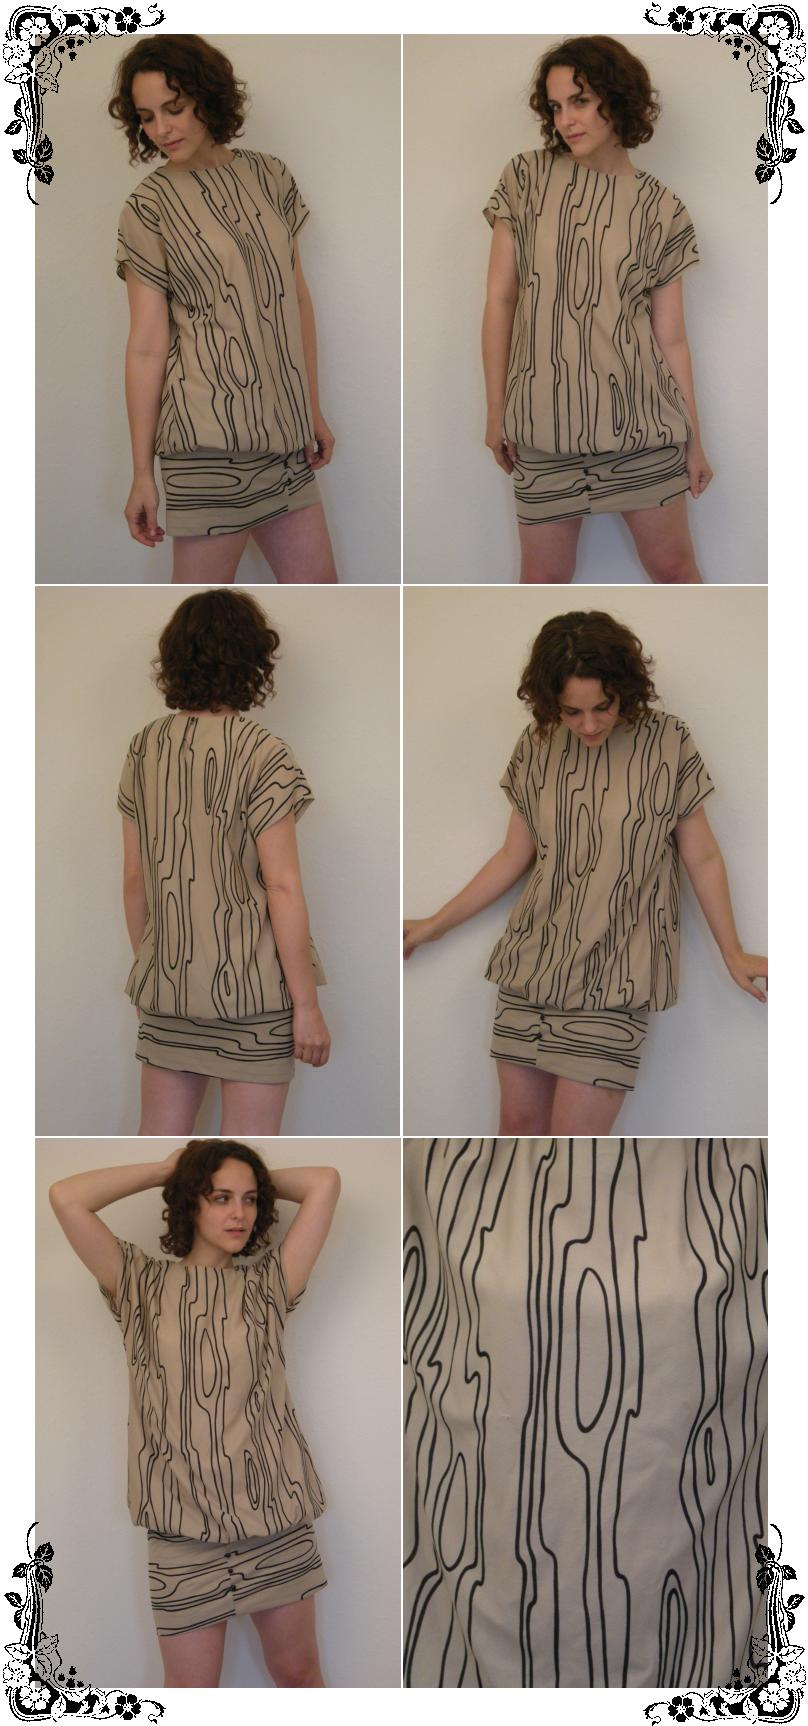 Vintage 80s Avant Garde Drop Waist Slouch Fit Dress M - eBay (item 200242845018 end time Aug-05-08 18:05:25 PDT)